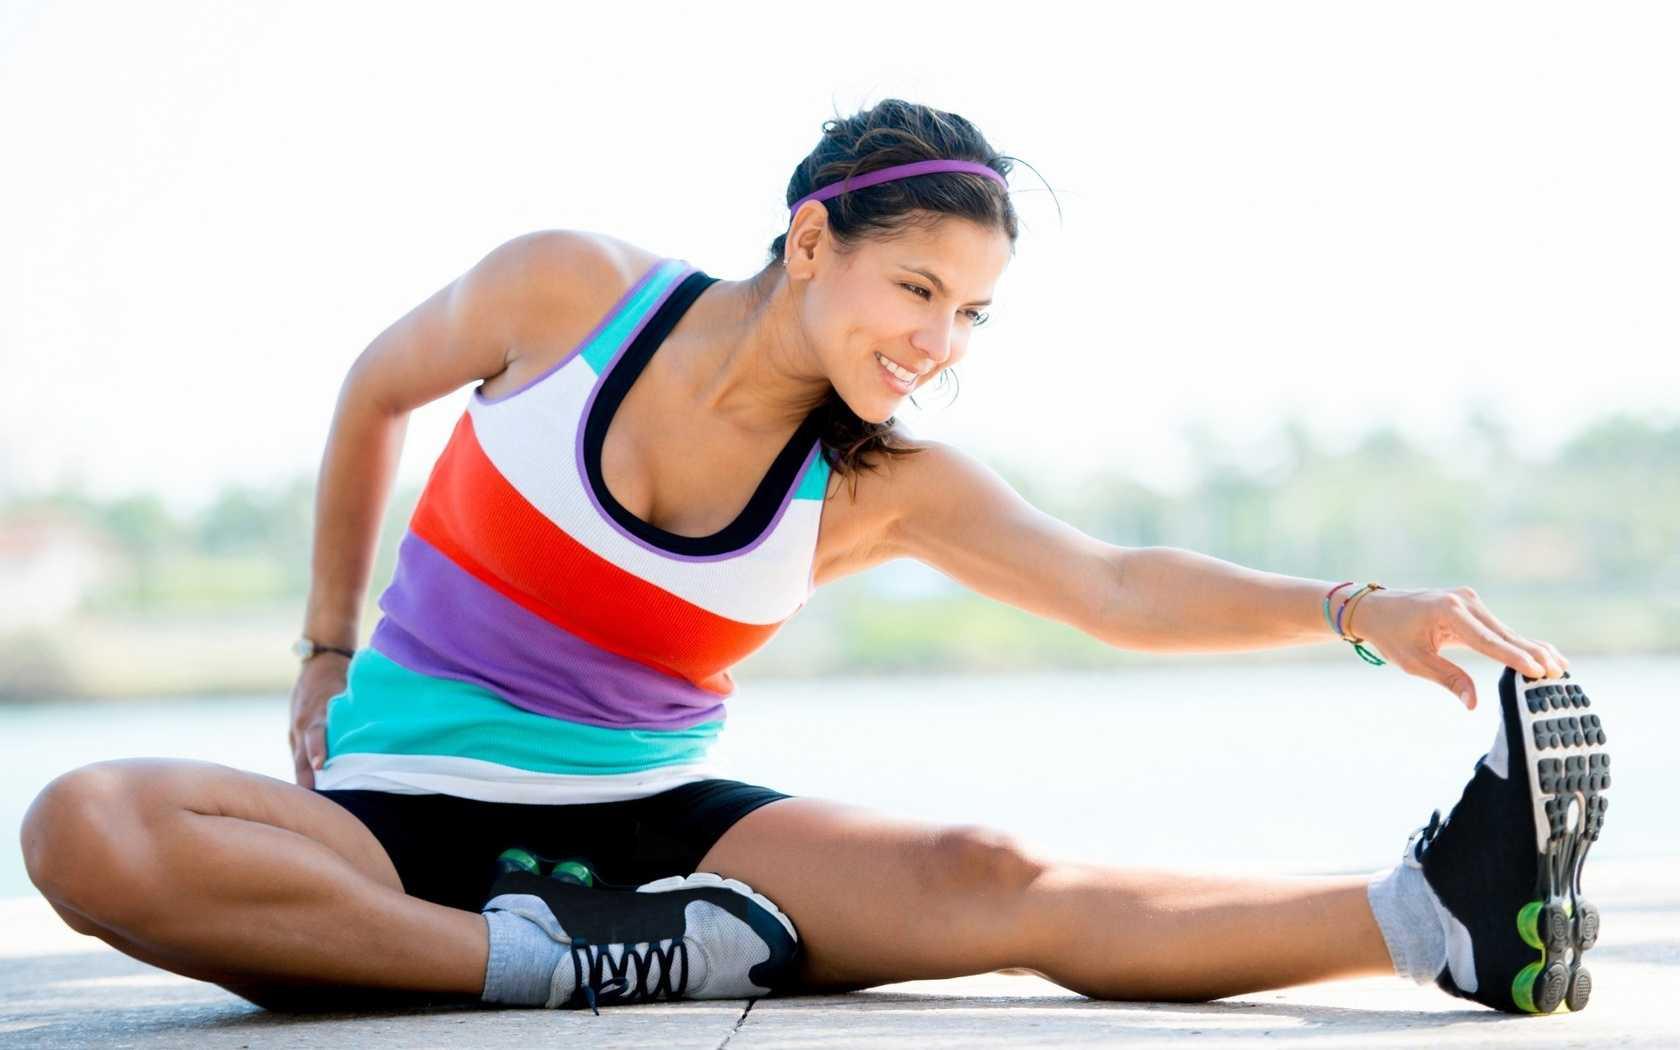 Фулбоди (full body) - силовая тренировка на все тело